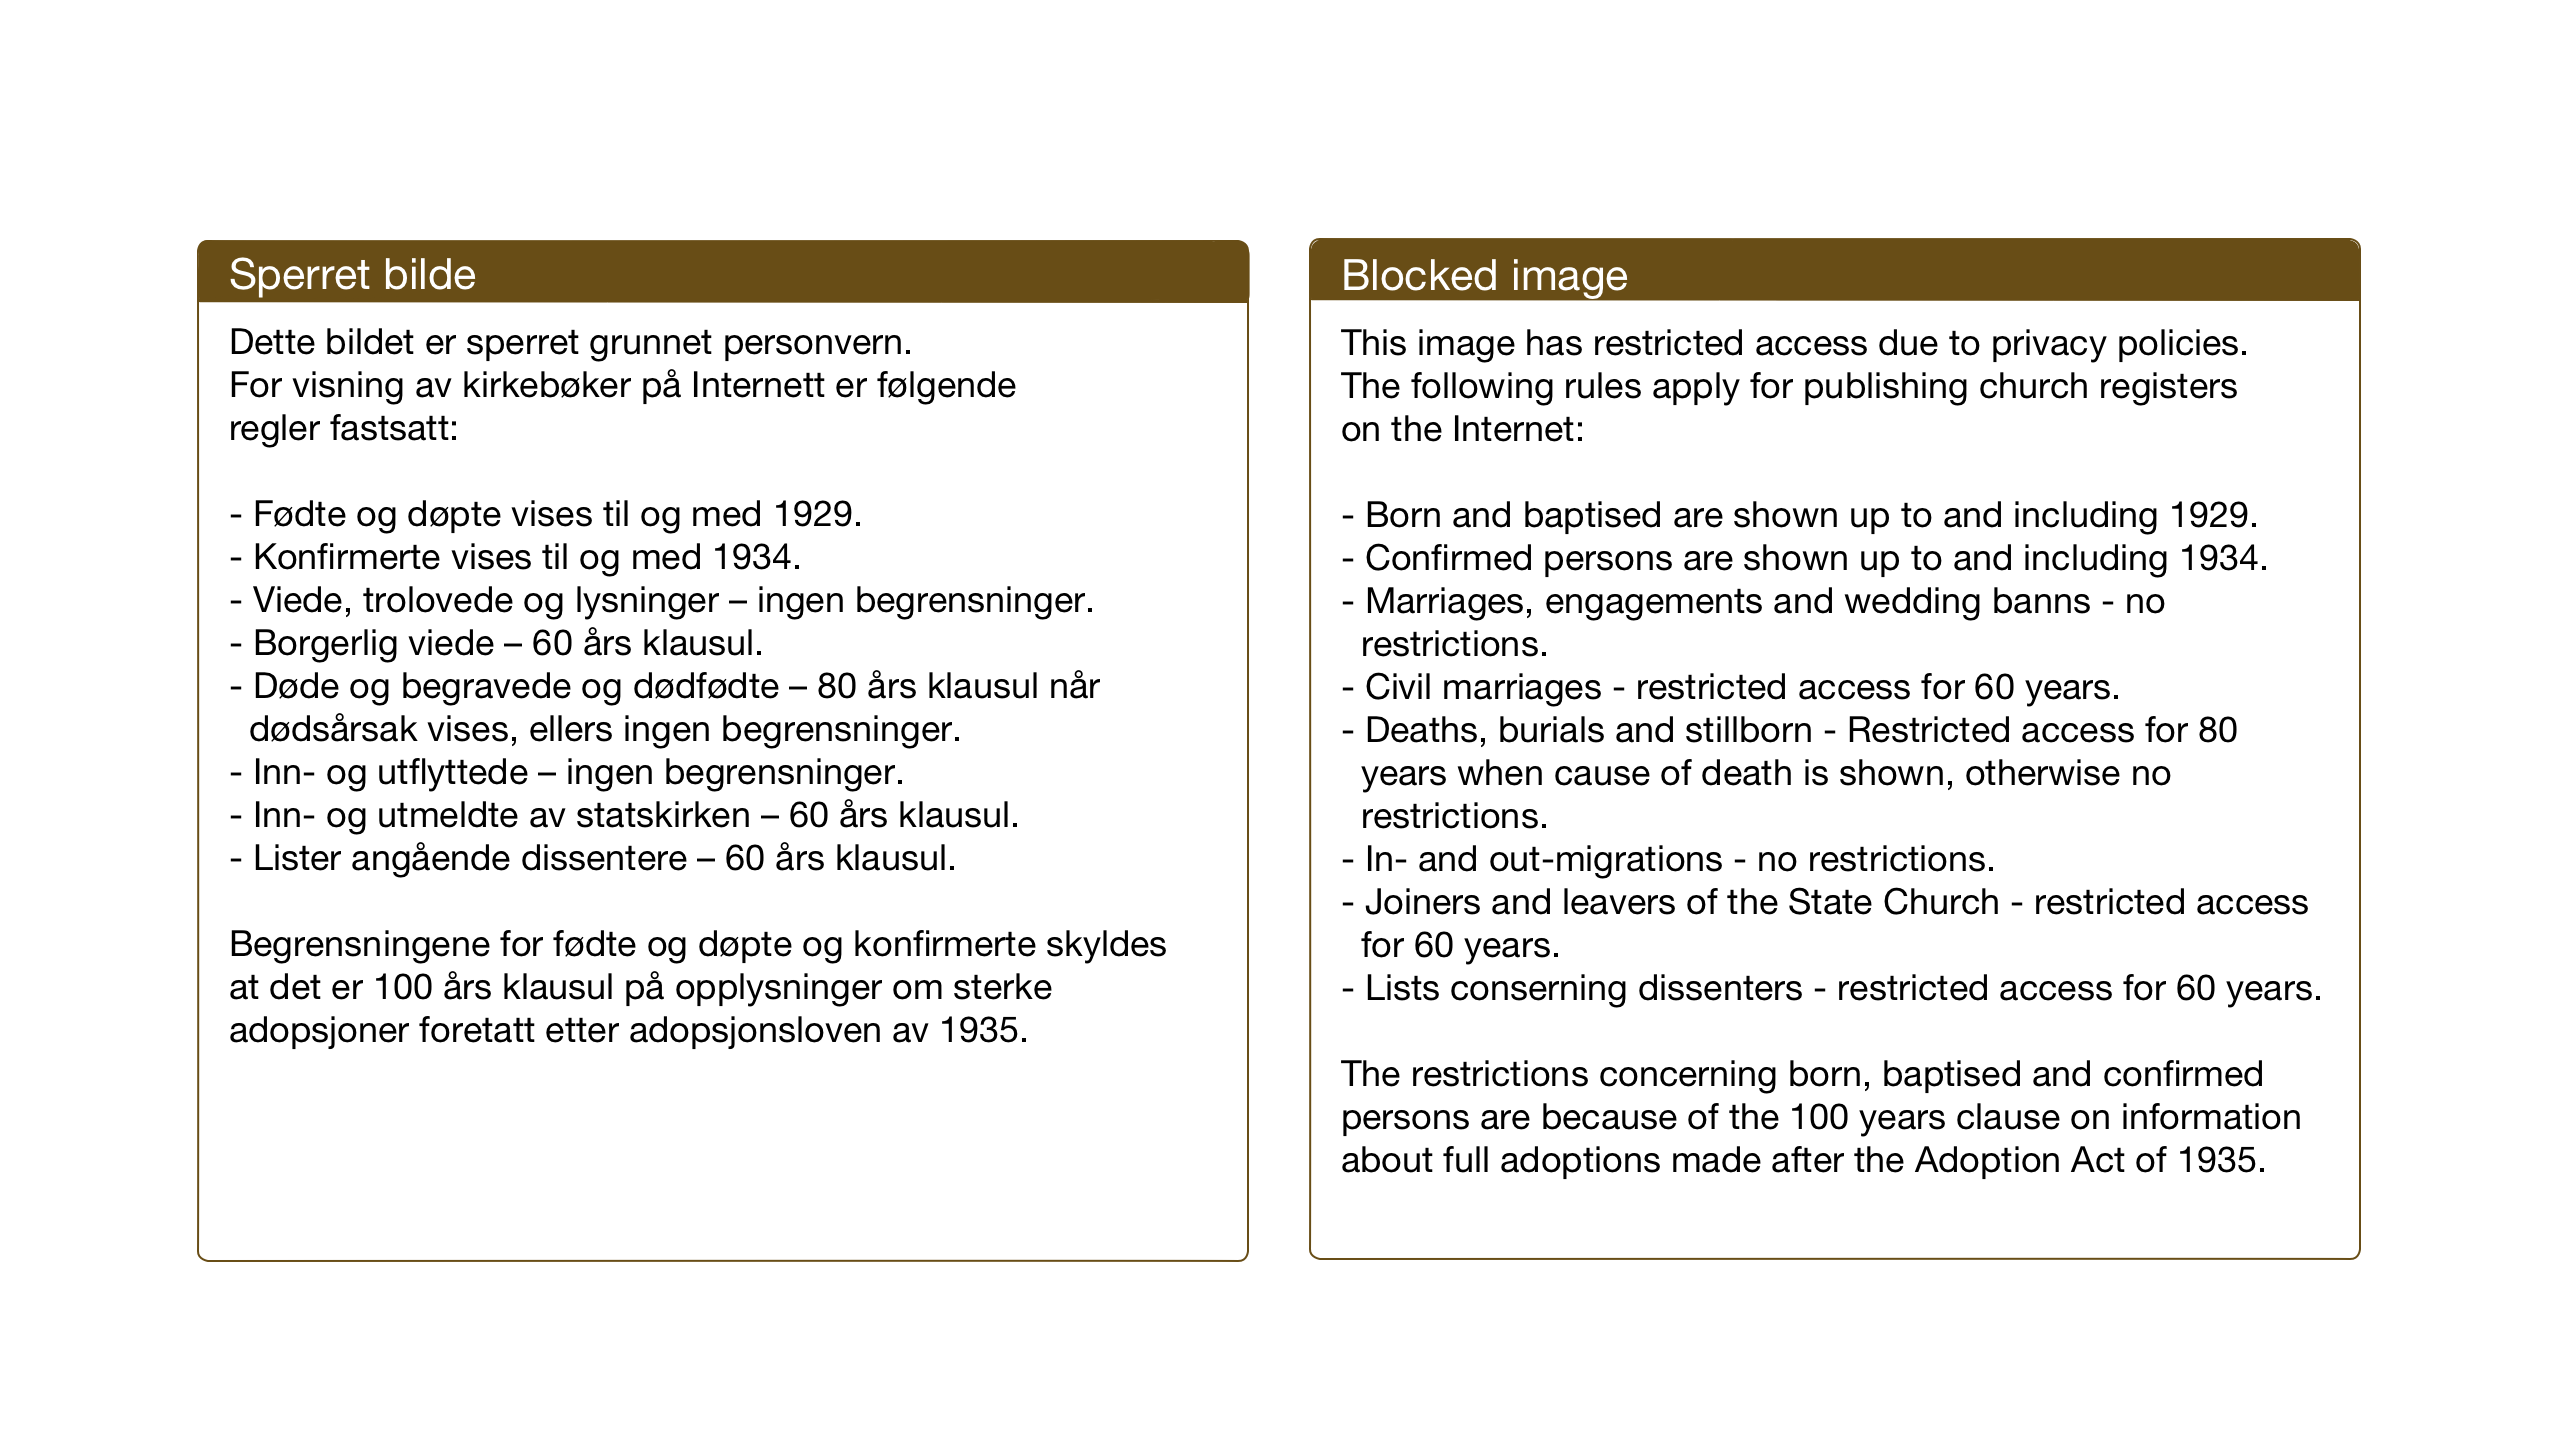 SAT, Ministerialprotokoller, klokkerbøker og fødselsregistre - Nord-Trøndelag, 773/L0625: Klokkerbok nr. 773C01, 1910-1952, s. 93